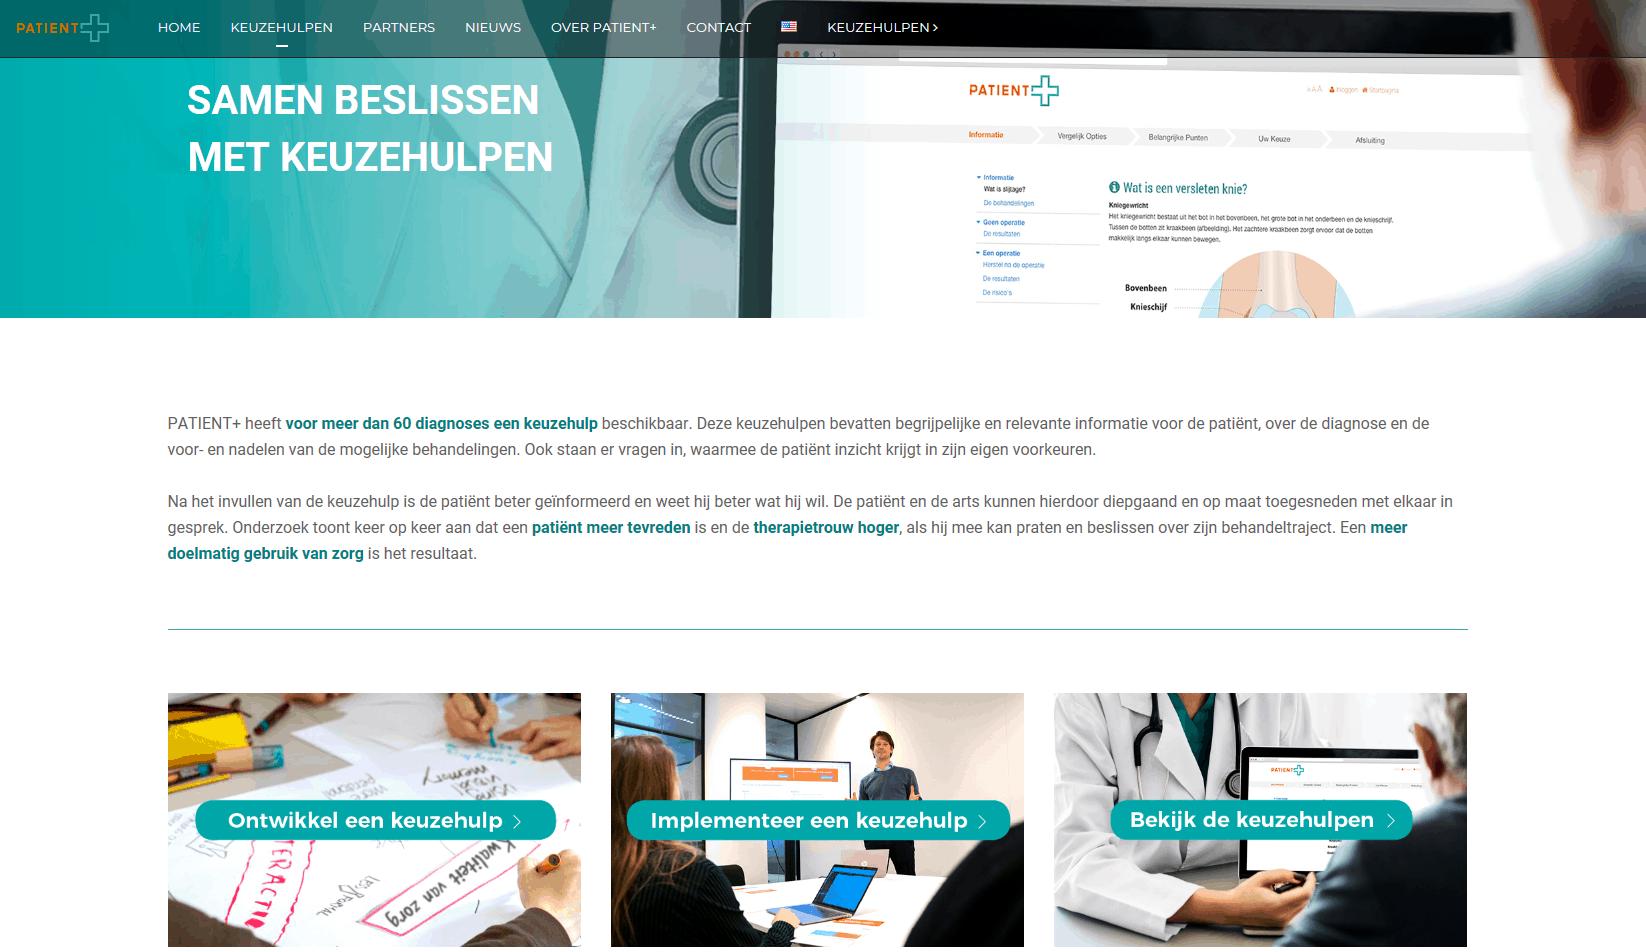 vernieuwde-website-patientplus